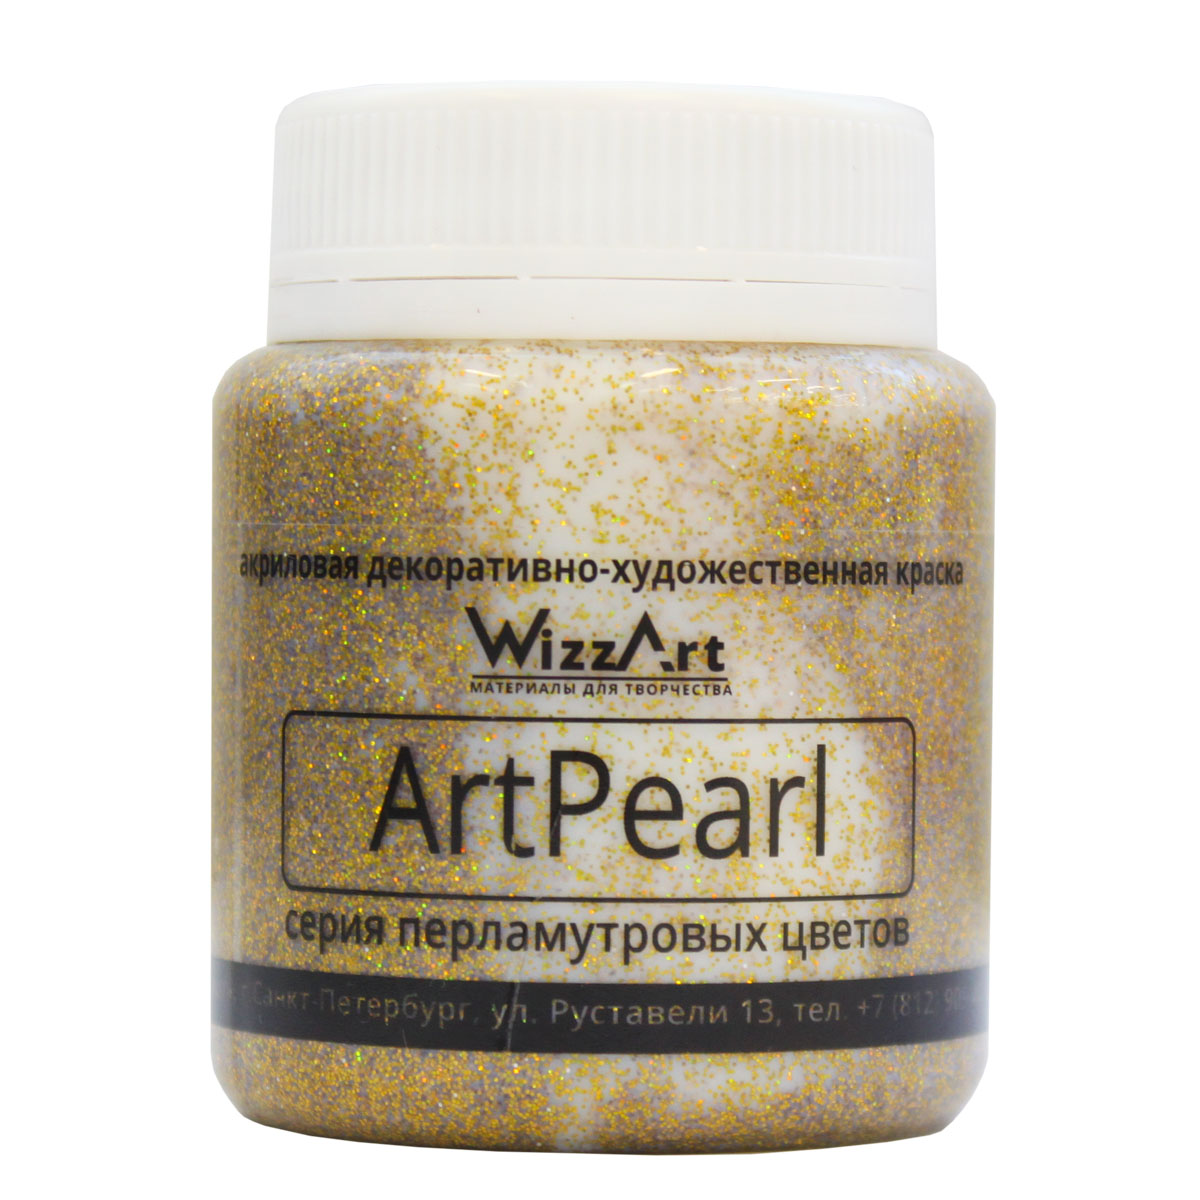 Краска акриловая WizzArt ArtPearl, цвет: голографическое золото, 80 мл501047Серия декоративно-художественных красок ArtMatt от компании WizzArt после высыхания образует ровную матовую поверхность. Богатая палитра оттенков позволит художнику или рукодельнице с легкостью реализовать свою творческую идею. Чистые, глубокие и насыщенные оттенки акриловых красок серии ArtMatt обладают повышенной светостойкостью. Матовая акриловая краска смотрится очень интересно, а в сочетании с глянцевой краской можно создать необычные композиционные акценты в своем рисунке. Акриловые краски WizzArt нетоксичны, ровно ложатся, подходят практически для любой поверхности, а потому востребованы в огромном количестве различных направлений творчества. Ими можно не только писать картины, но и расписывать посуду и сувениры, декорировать украшения и элементы интерьера, использовать во флористике, декупаже, скрапбукинге. Краски от компании WizzArt имеют высокое качество при вполне доступной цене, что делает их одной из наиболее привлекательных позиций в магазинах товаров для творчества.Перед использованием необходимо перемешать.Объем: 80 мл.Товар сертифицирован.